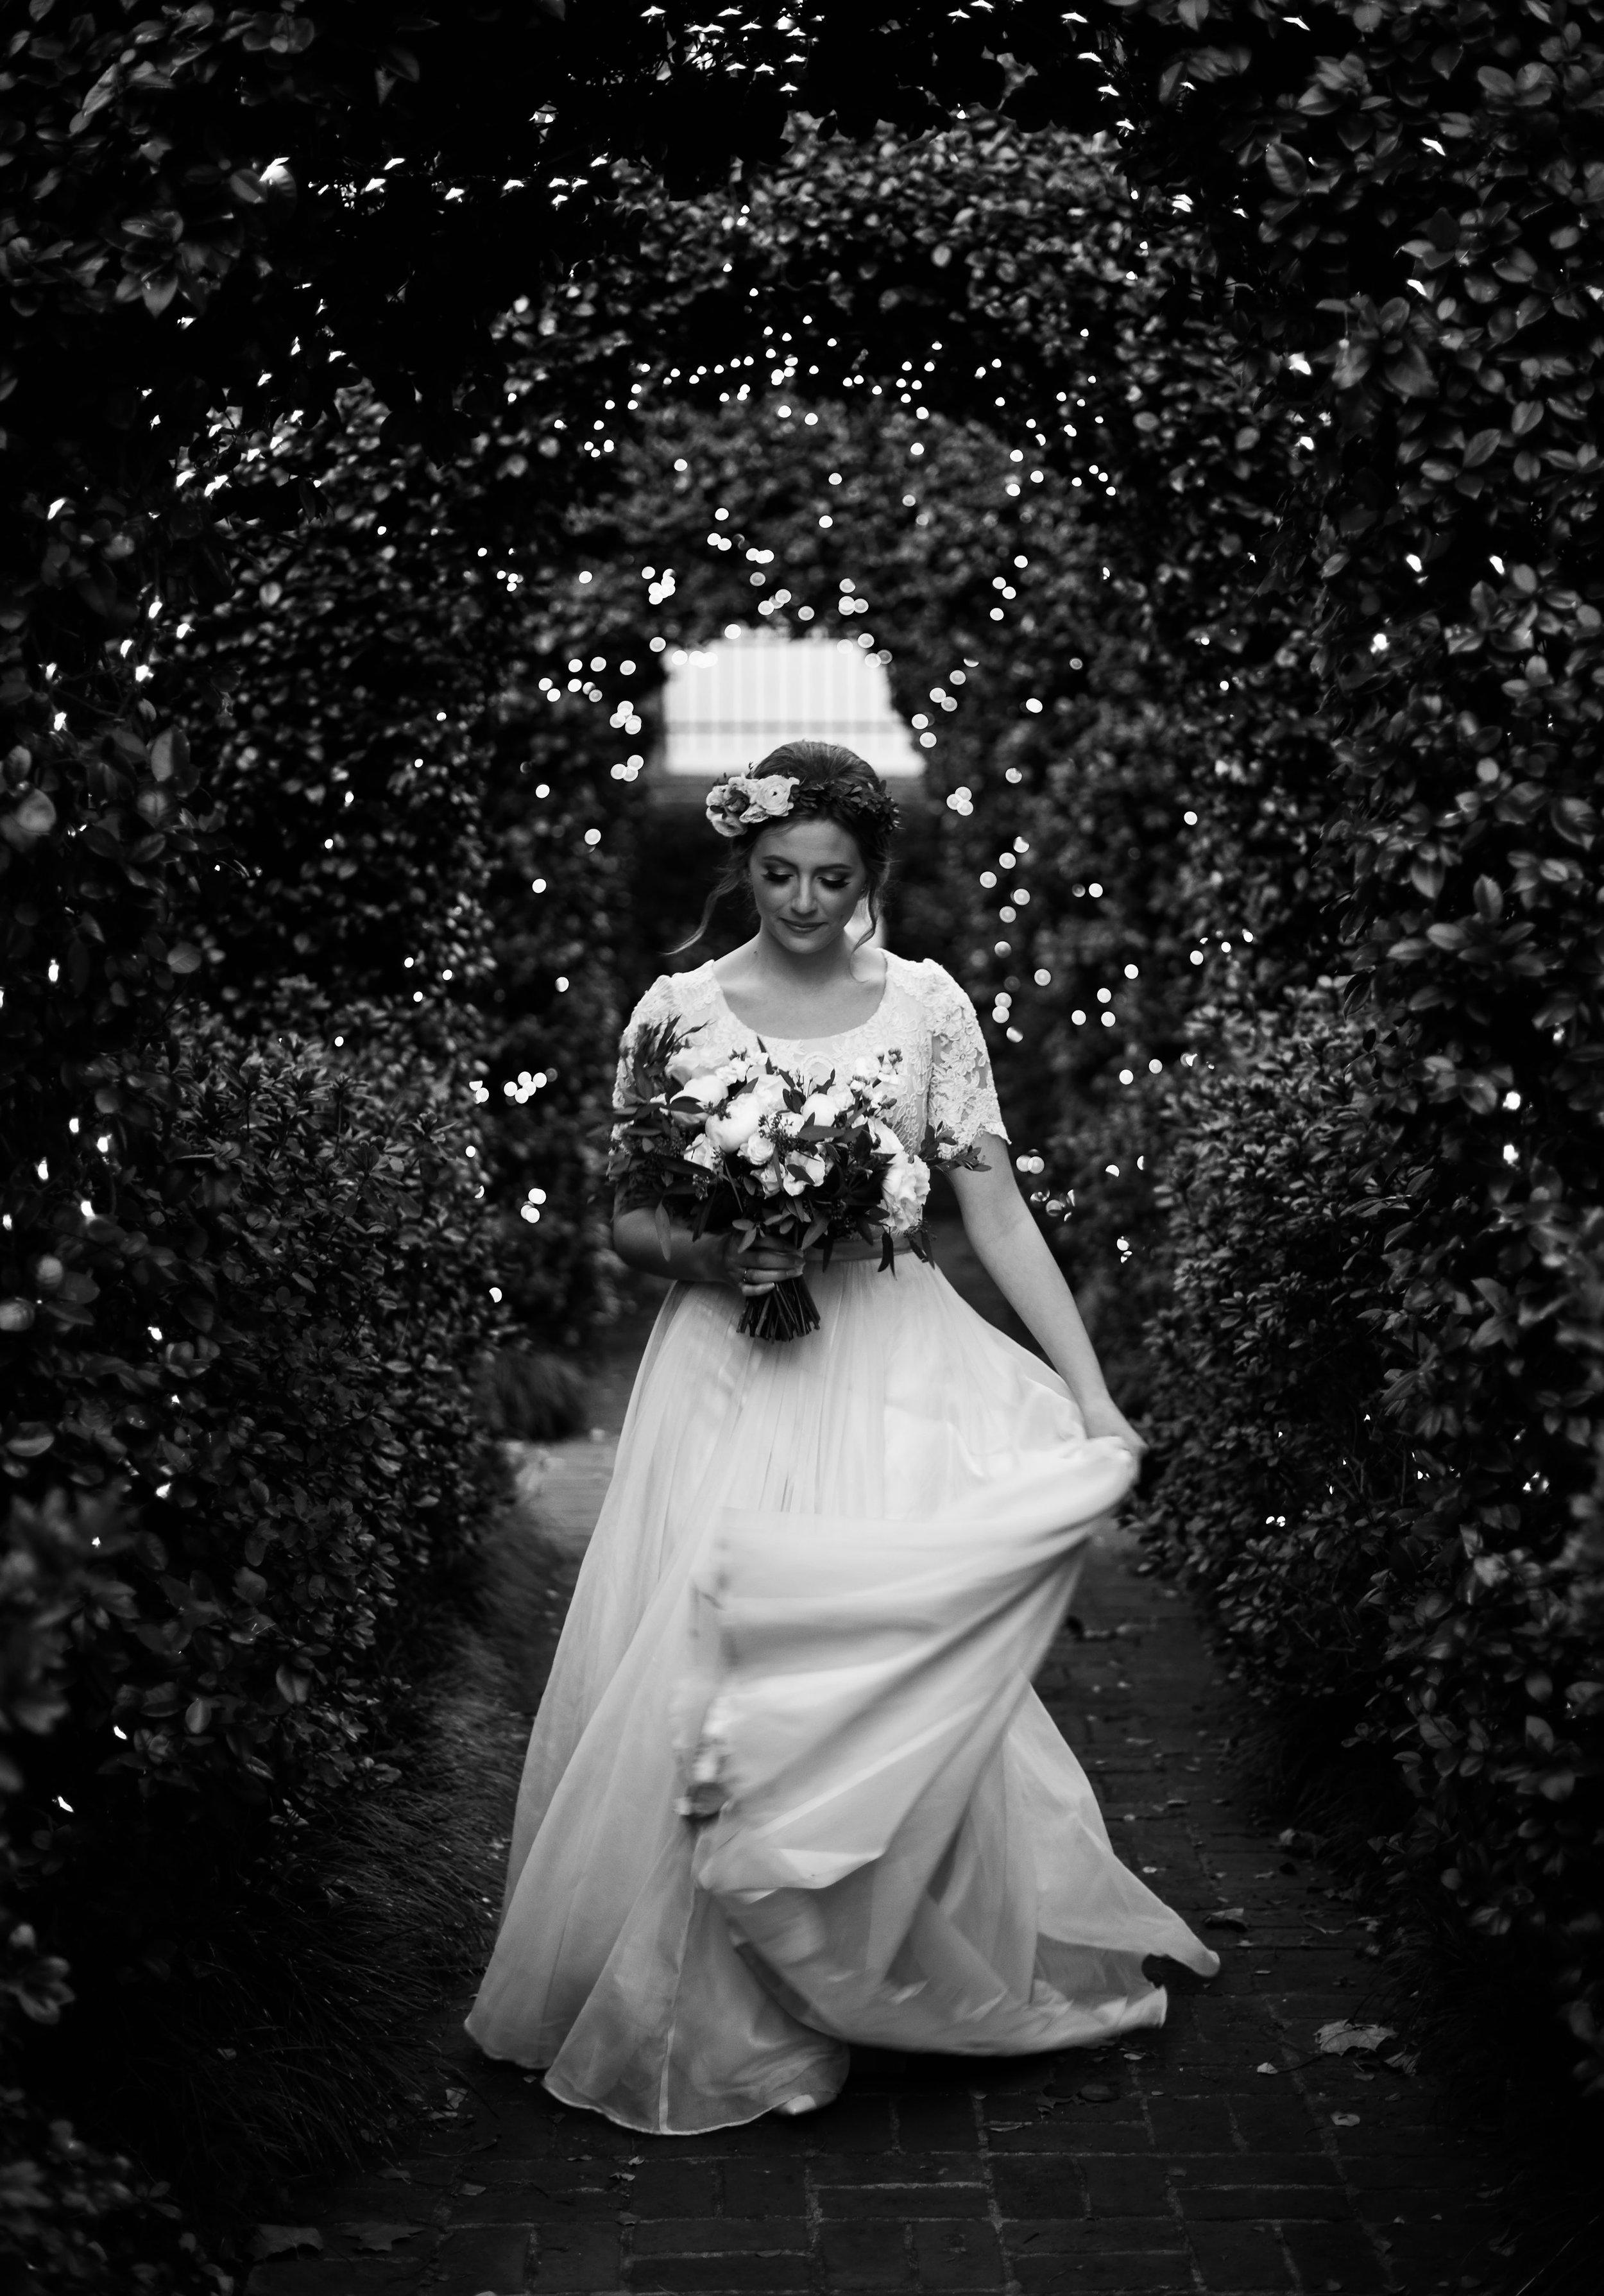 3. Bride+Groom-0076.jpg